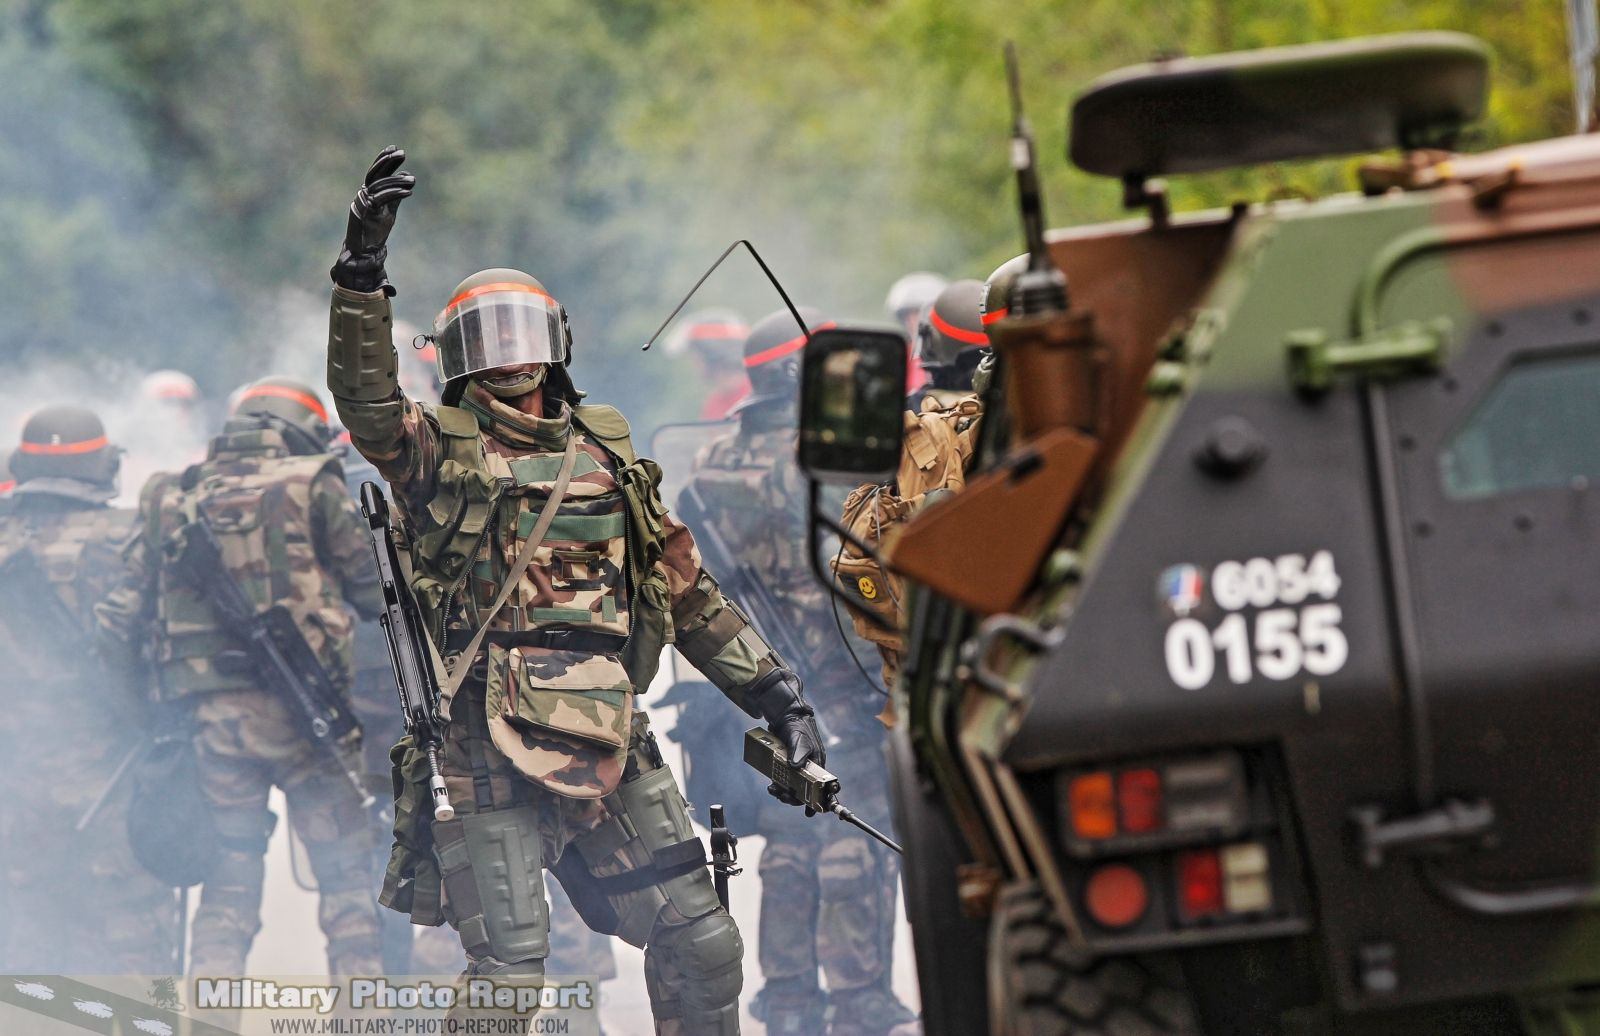 Entrainement Anti Emeute Au 3 Regiment De Hussards Grenades Lacrymogenes Emeute Regiment Grenade